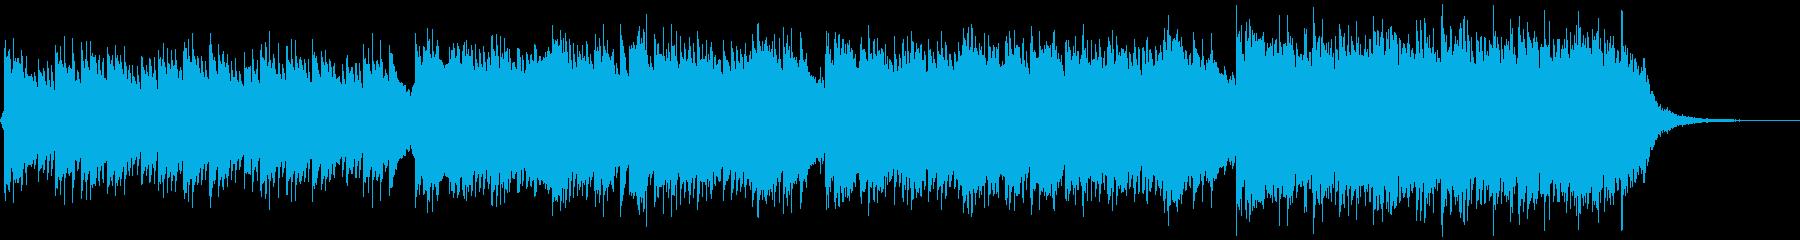 企業VP映像、154オーケストラ、爽快Hの再生済みの波形